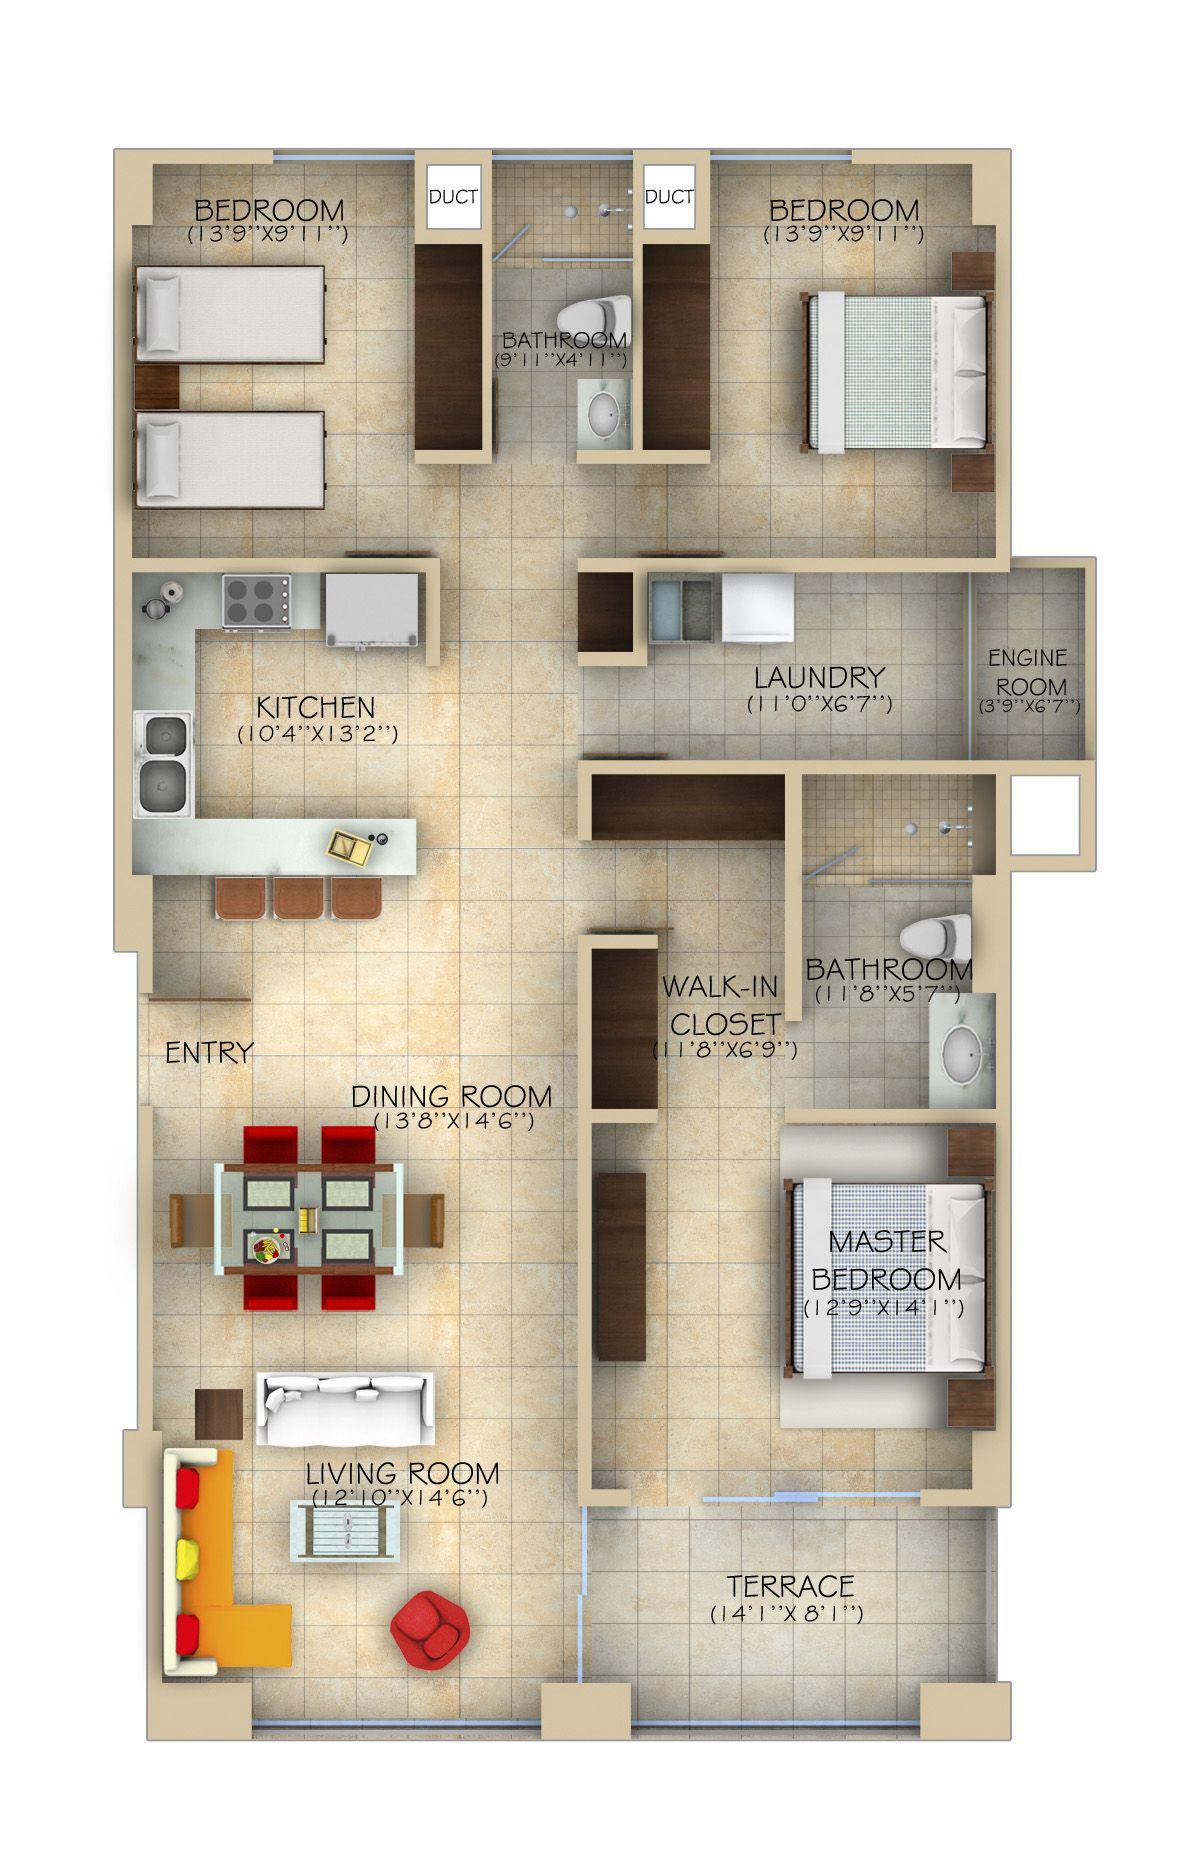 3 rec maras model horizon sky residences travel for Planos de casas de 3 recamaras